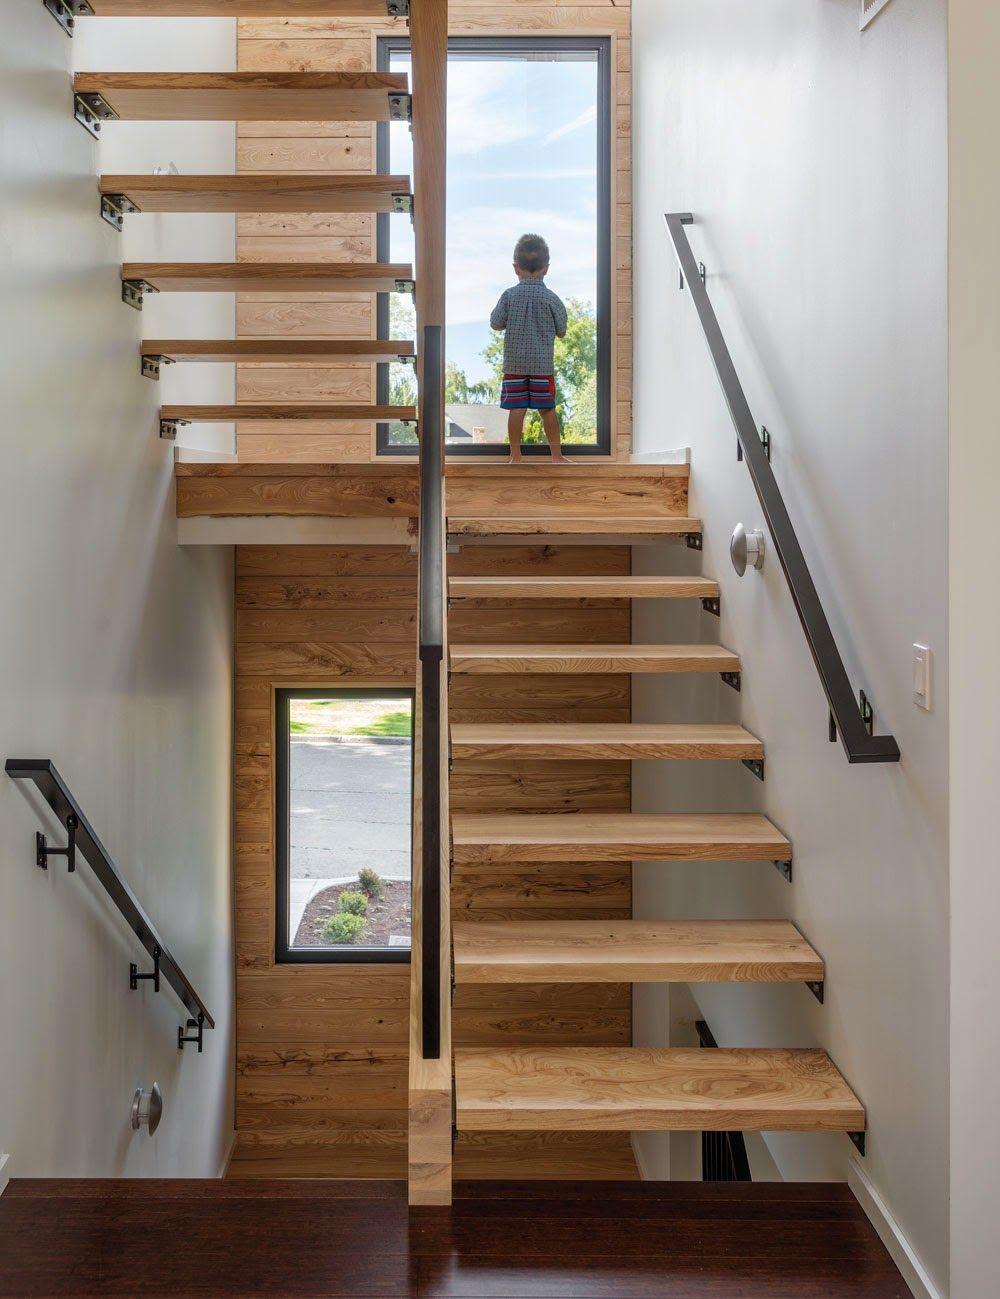 Gradas de madera graderias pinterest gradas de for Gradas de madera para escaleras